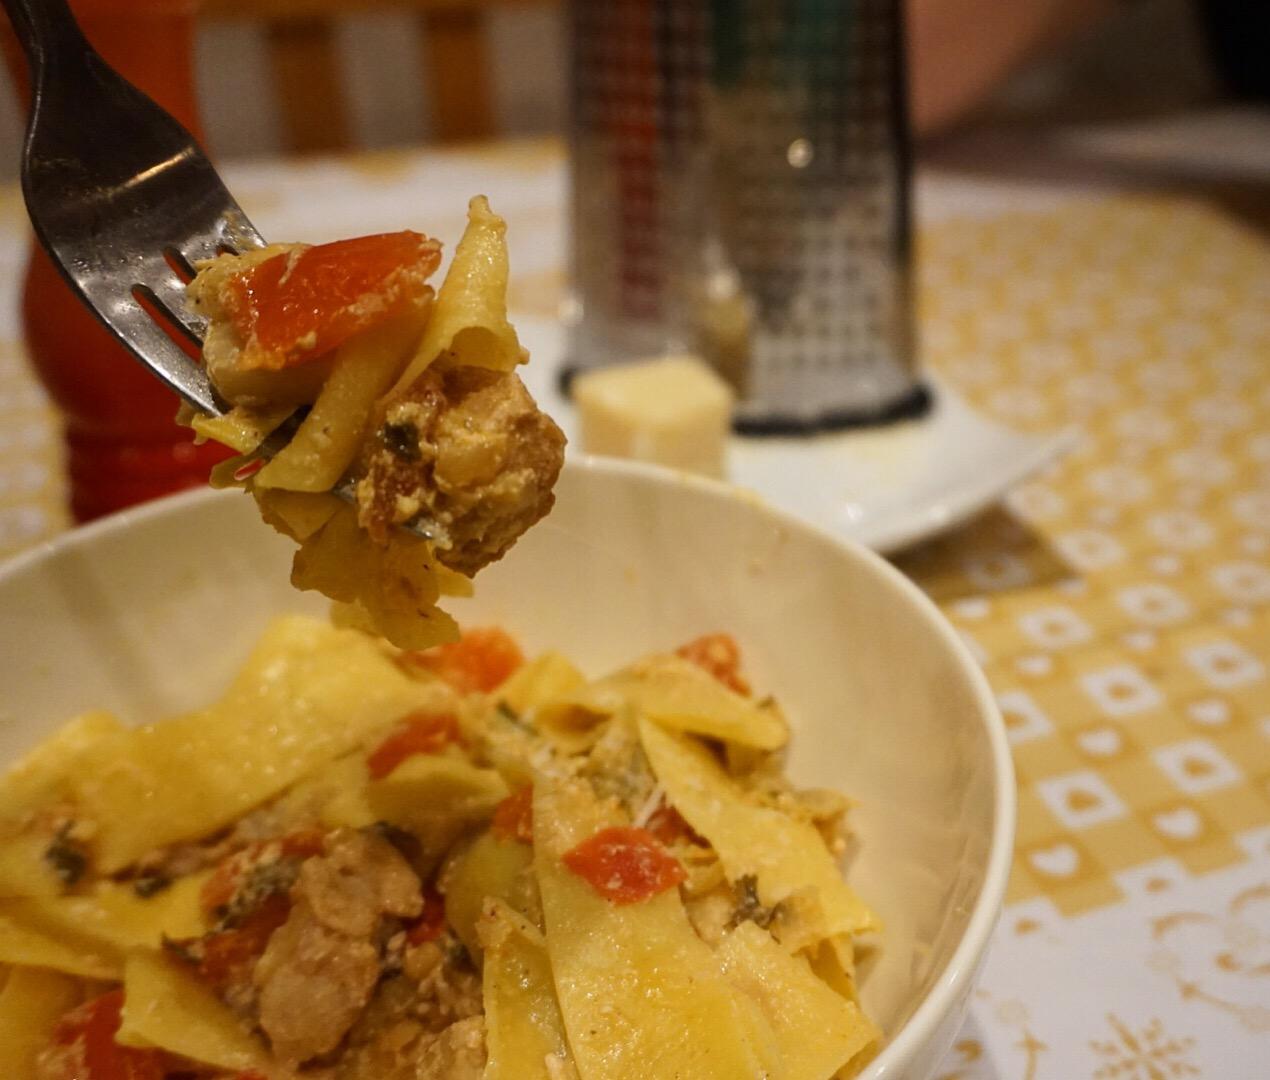 Artichokes and Pork Pasta